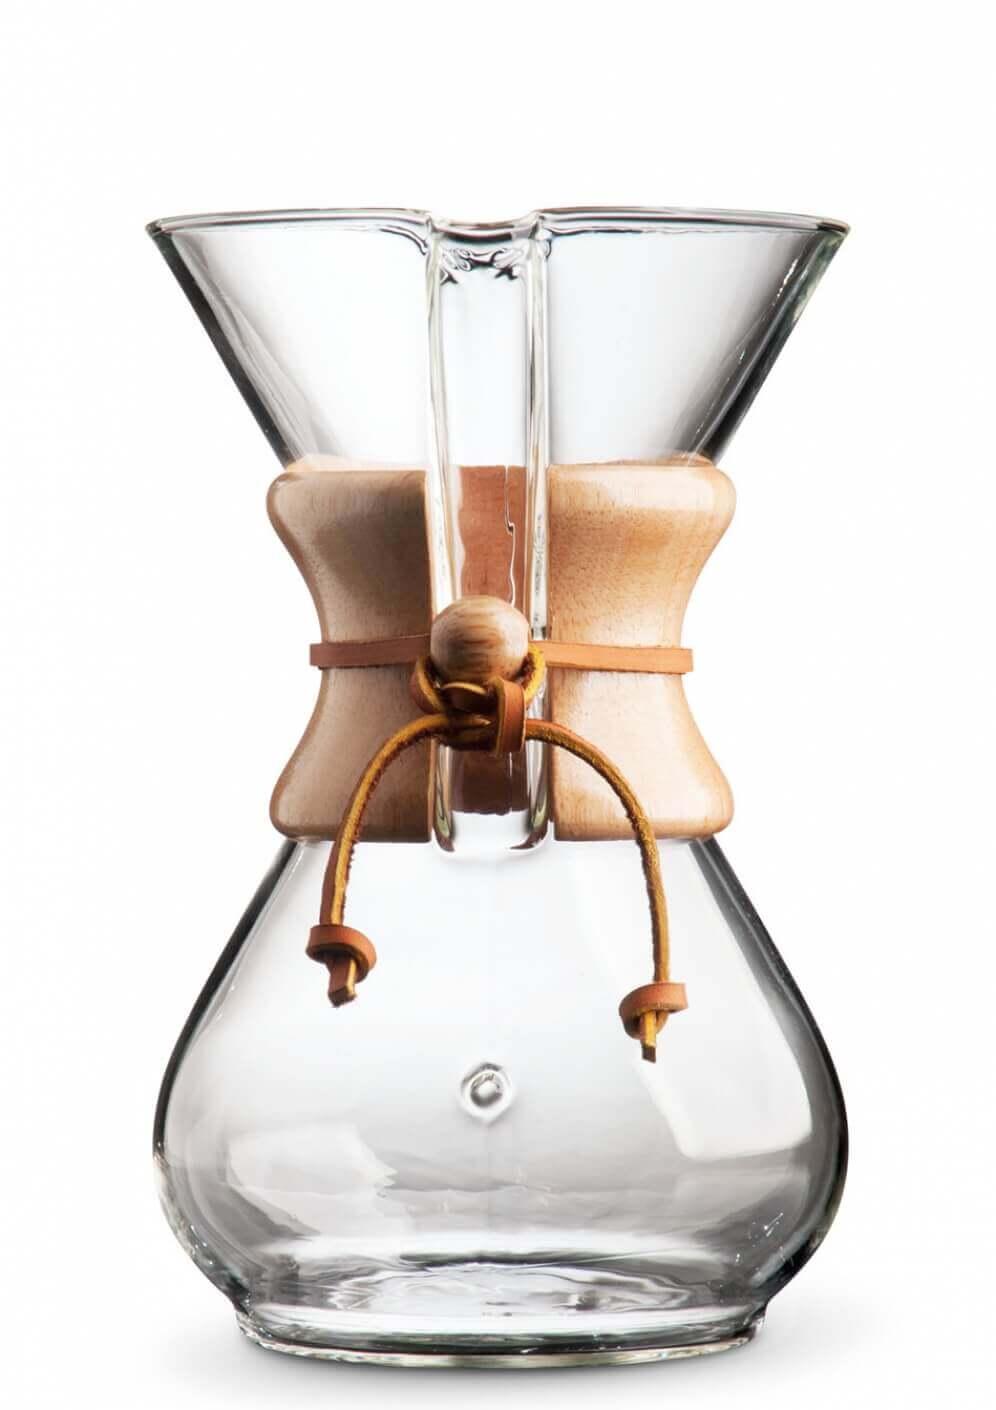 Cafetière 6 tasses - CHEMEX®